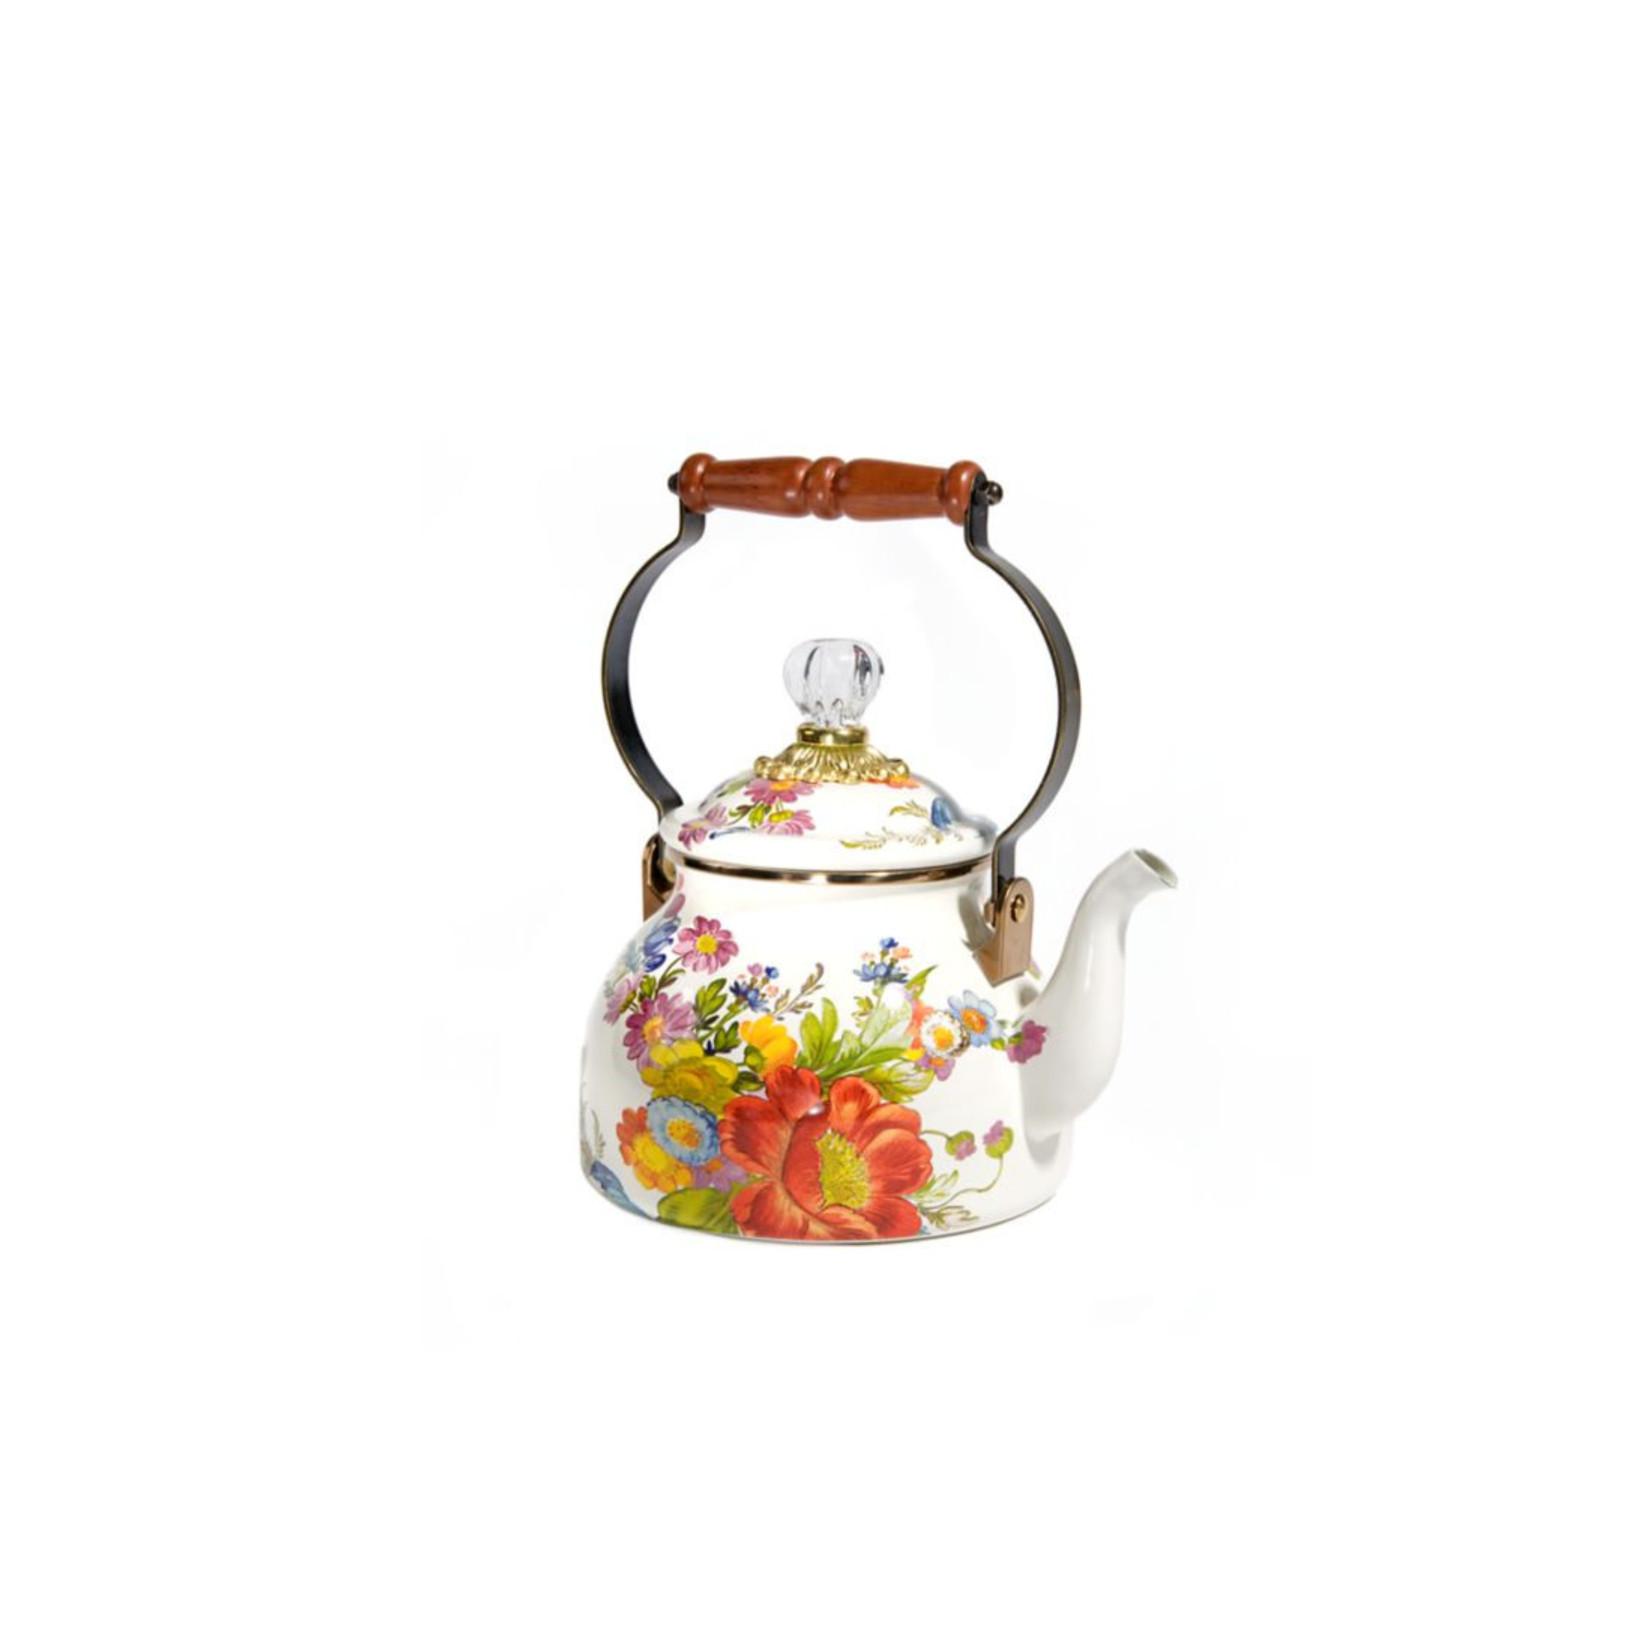 MacKenzie Childs Flower Market 2 Quart Tea Kettle - White